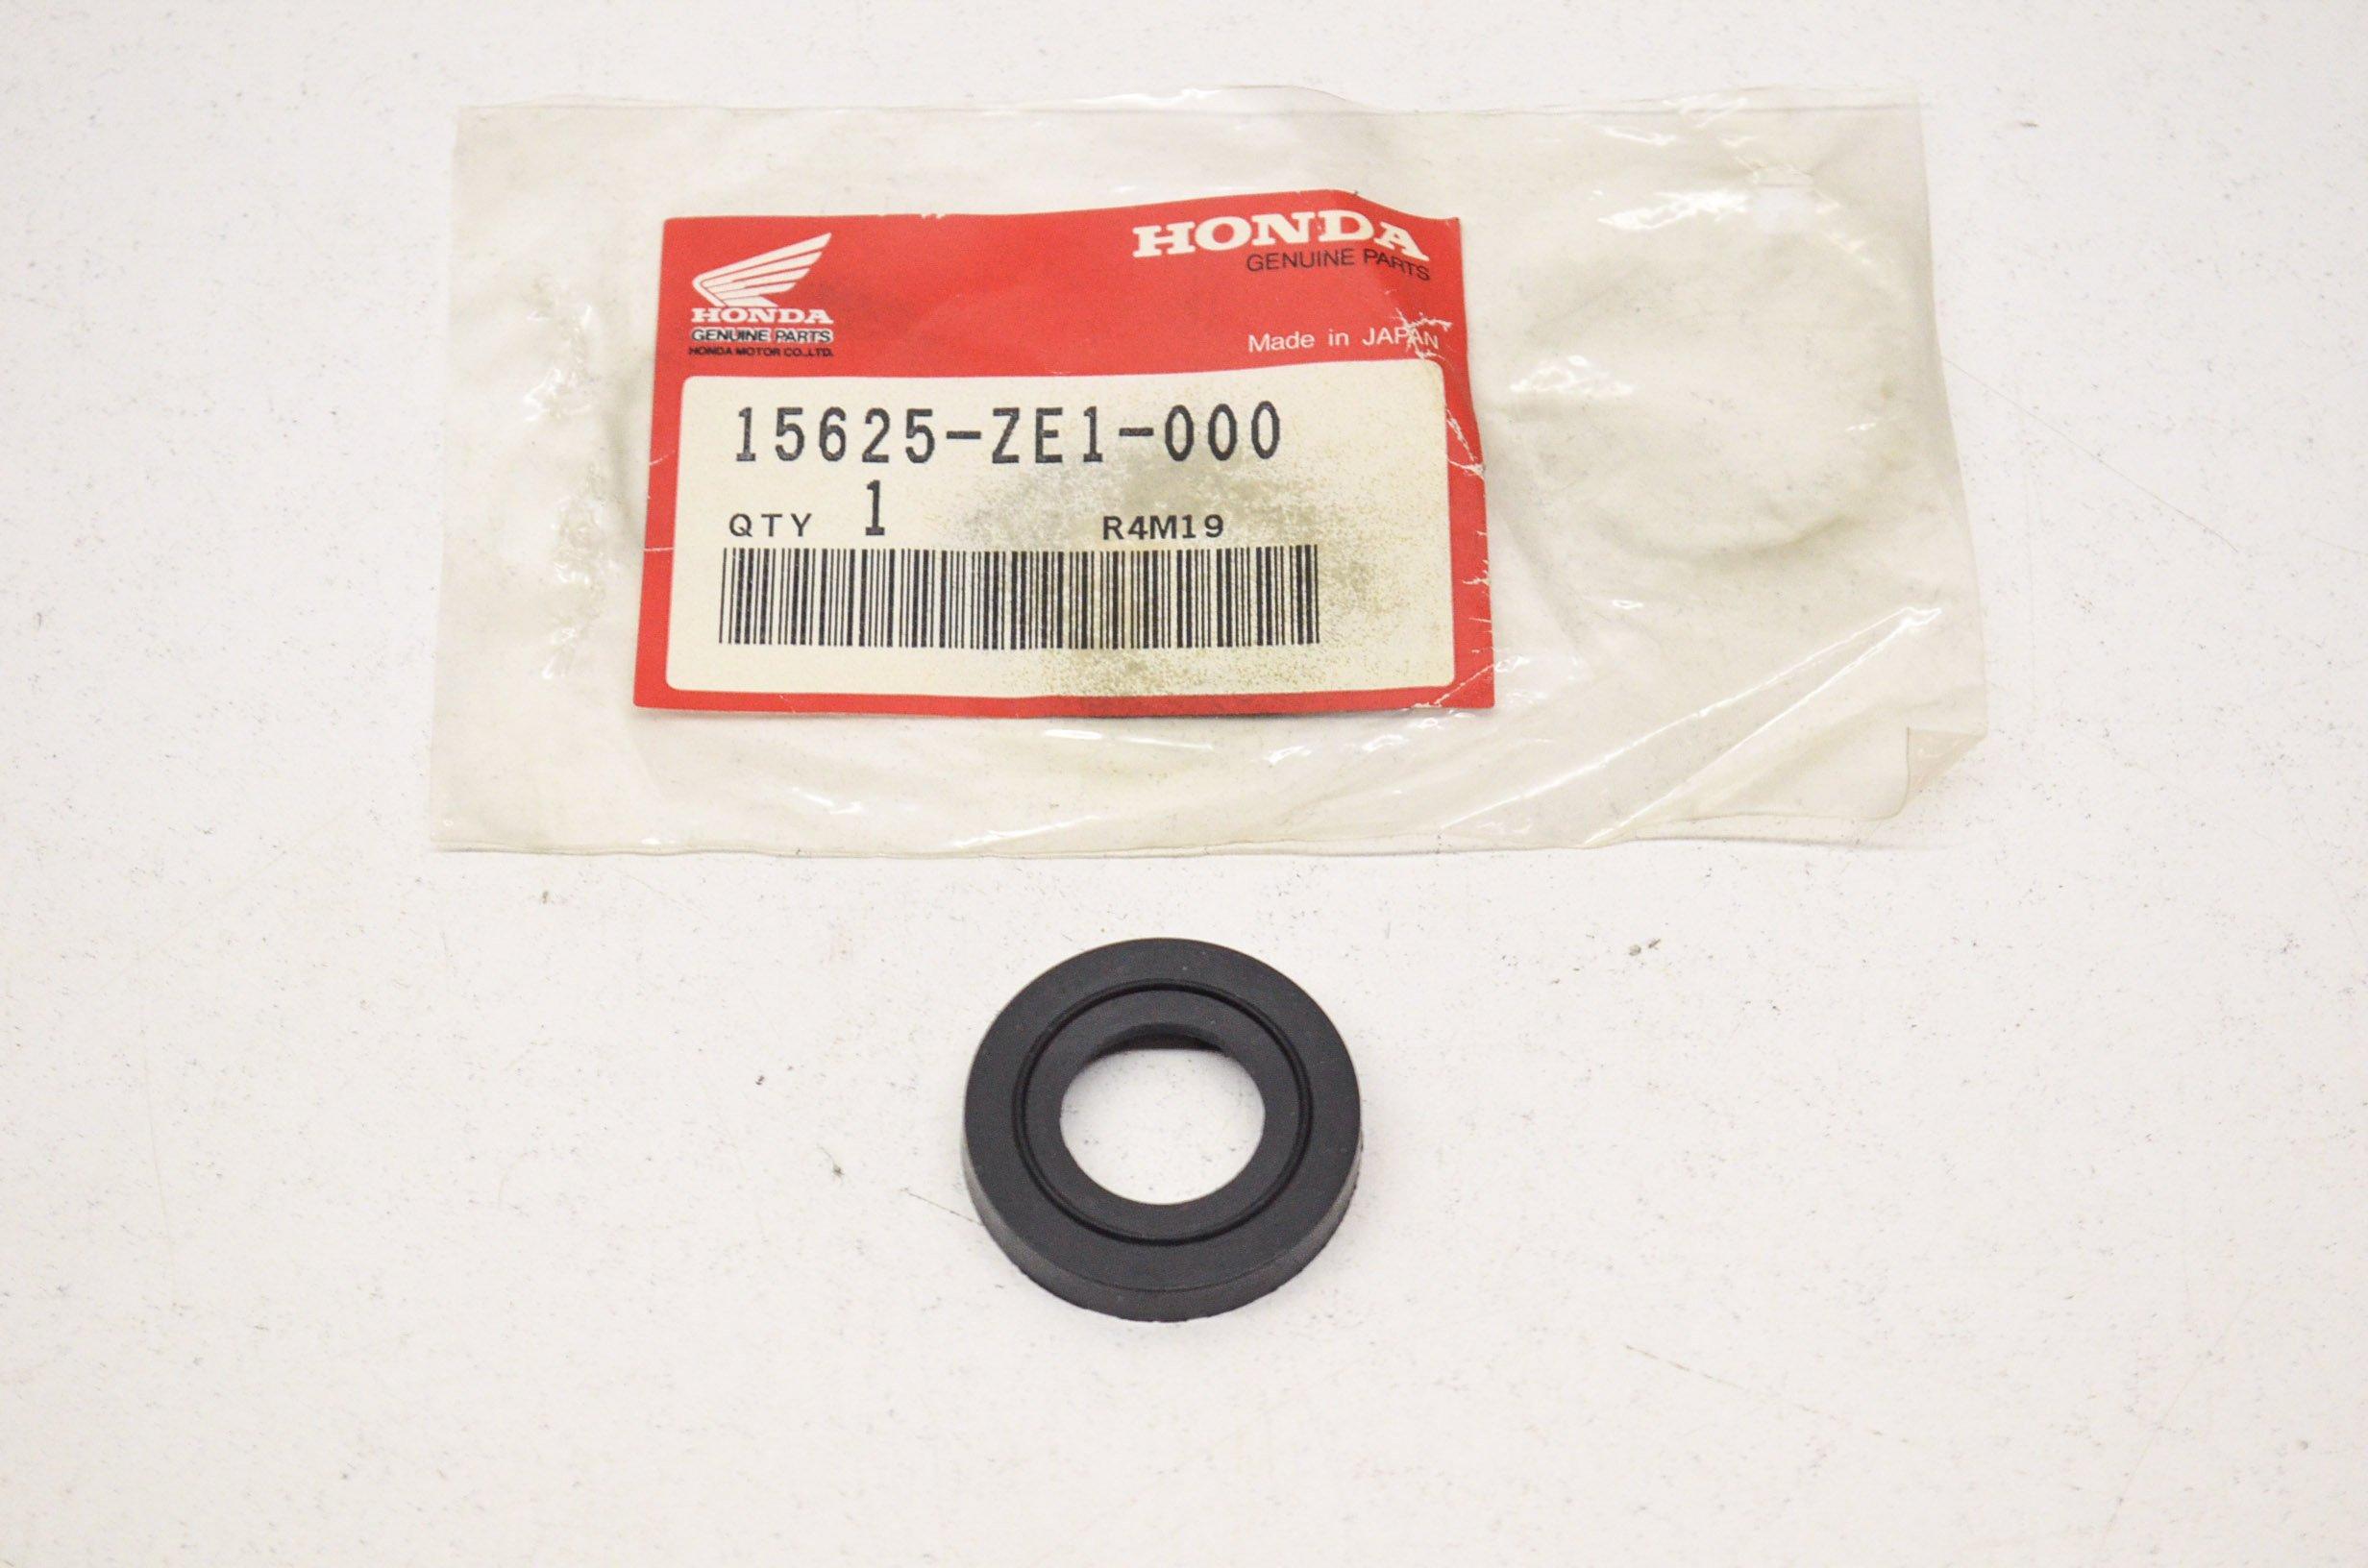 Honda 15625-ZE1-000 Gskt Oil Filler Cap